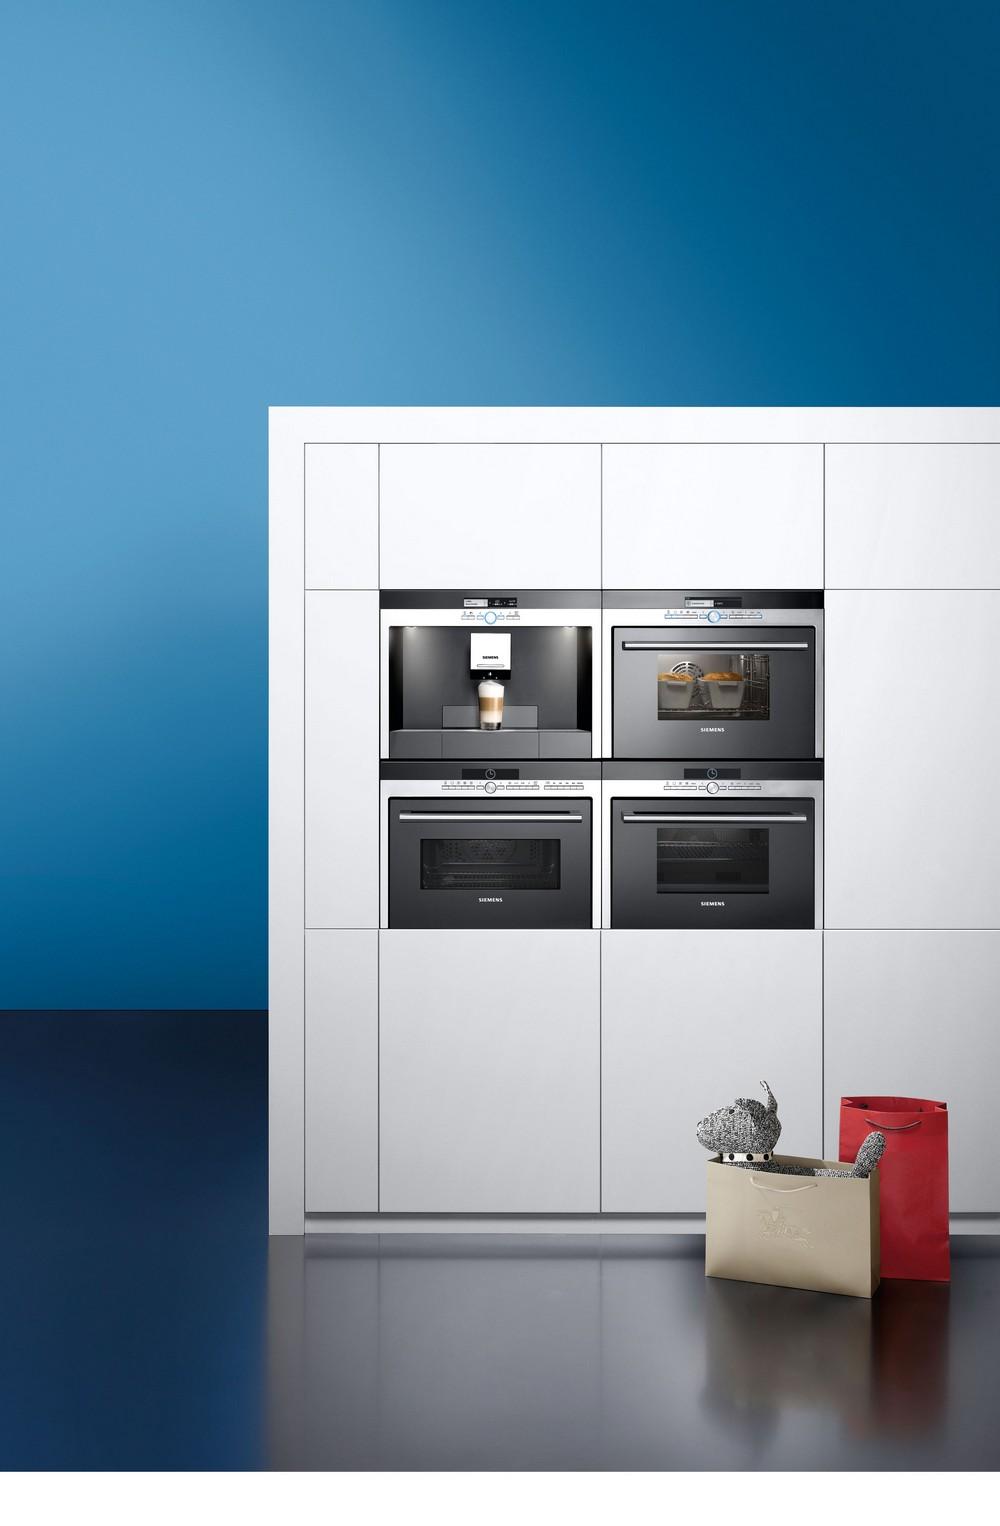 Sienems встроенная техника для кухни